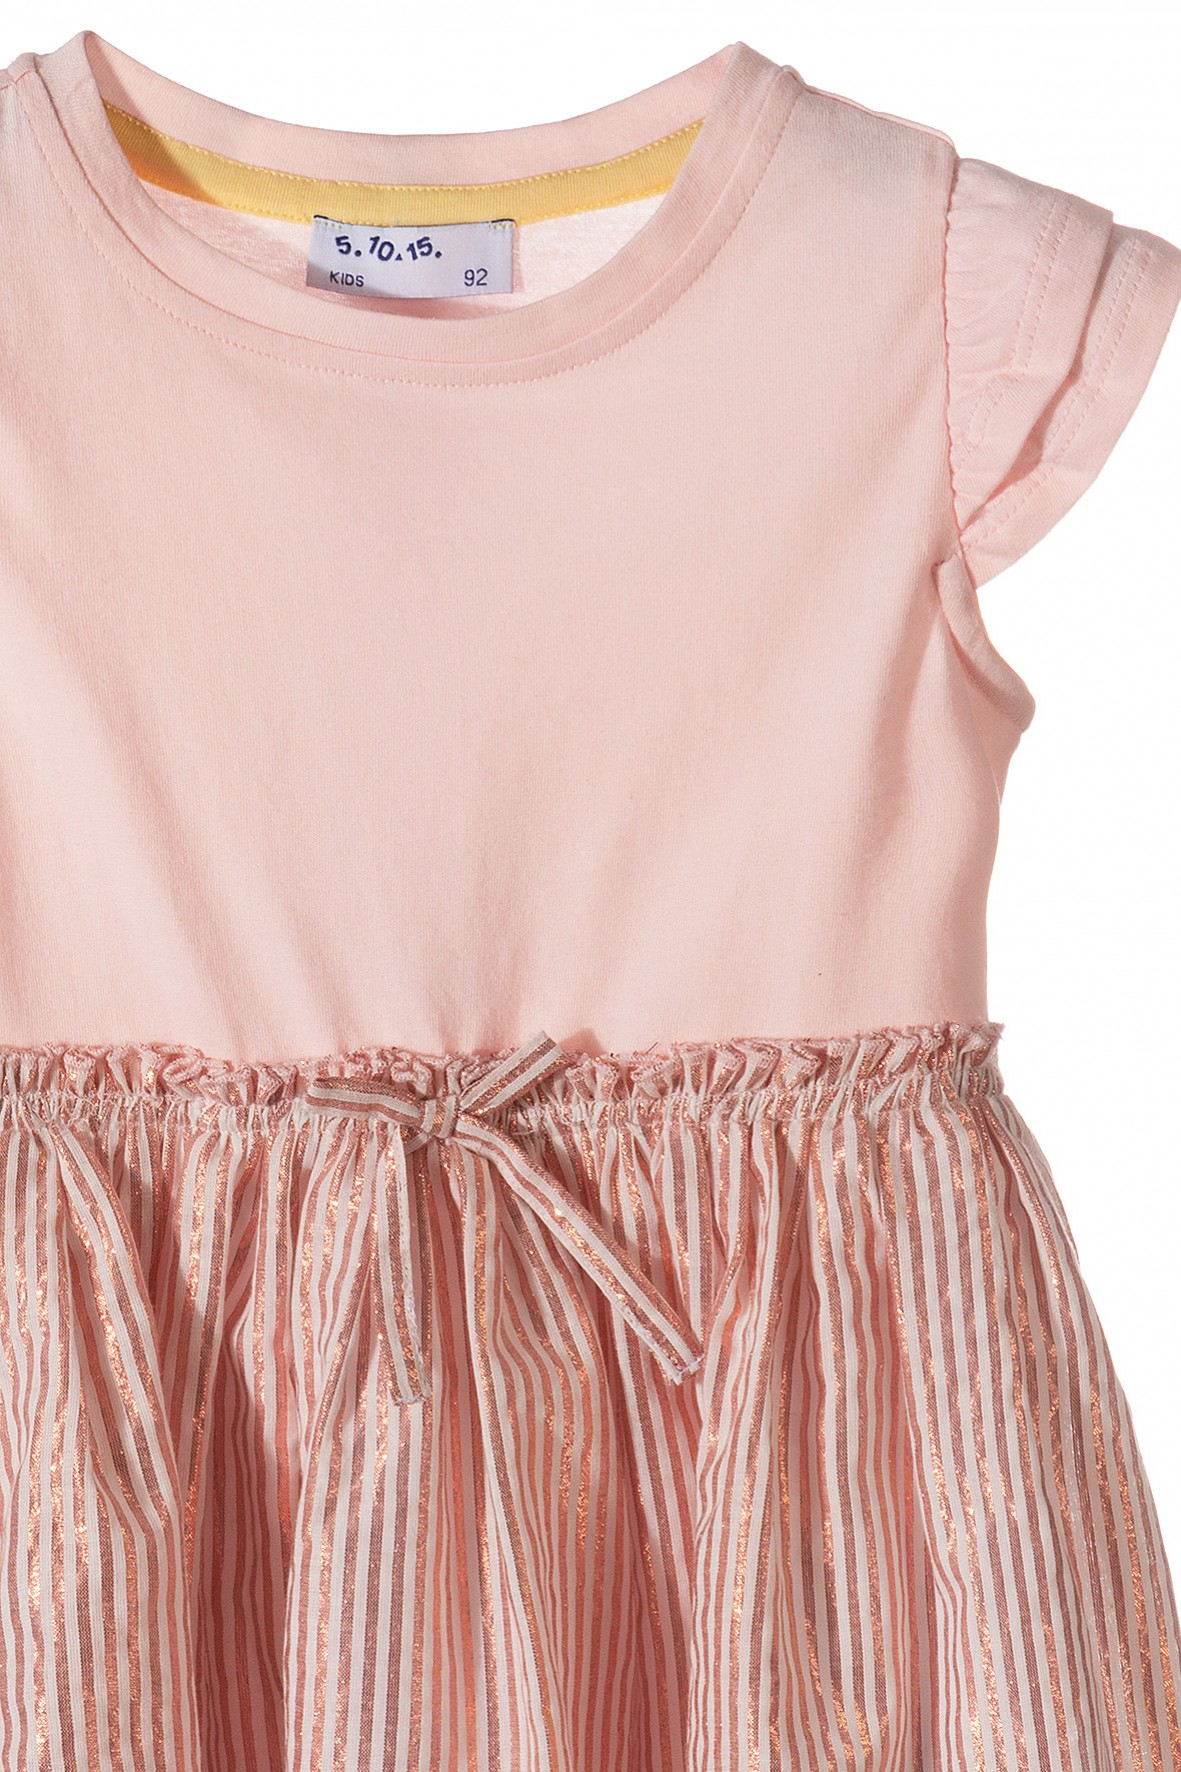 475cccdb6b Sukienka dziewczęca z połyskującą tkaninową falbanką · Sukienka dziewczęca  z połyskującą tkaninową falbanką ...